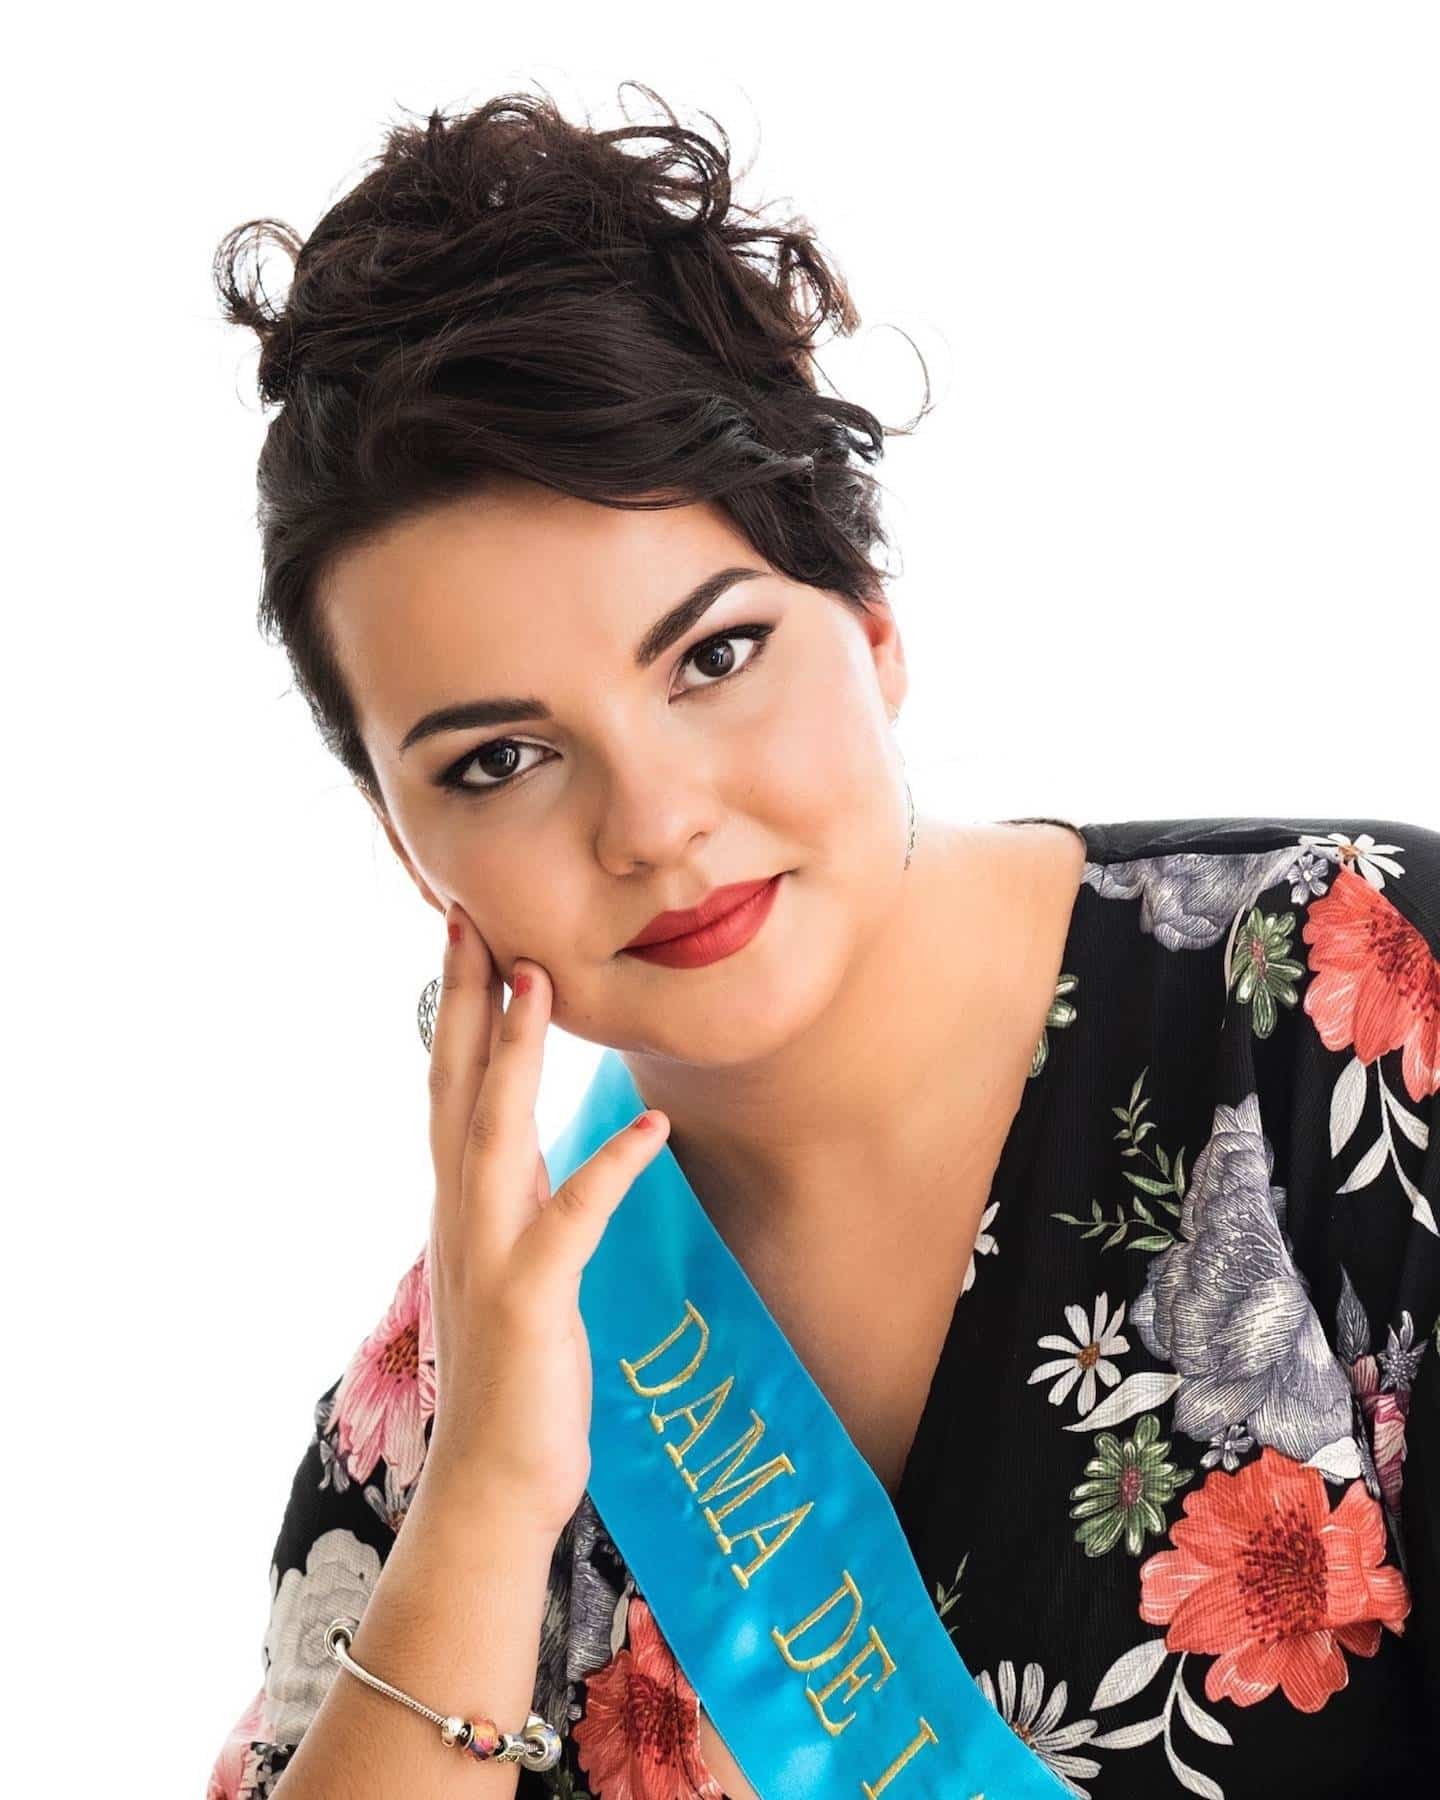 Dama Nazaret Feria y Fiestas 2017 Herencia - Elegidas las Reina y Damas para las fiestas de la Merced 2017